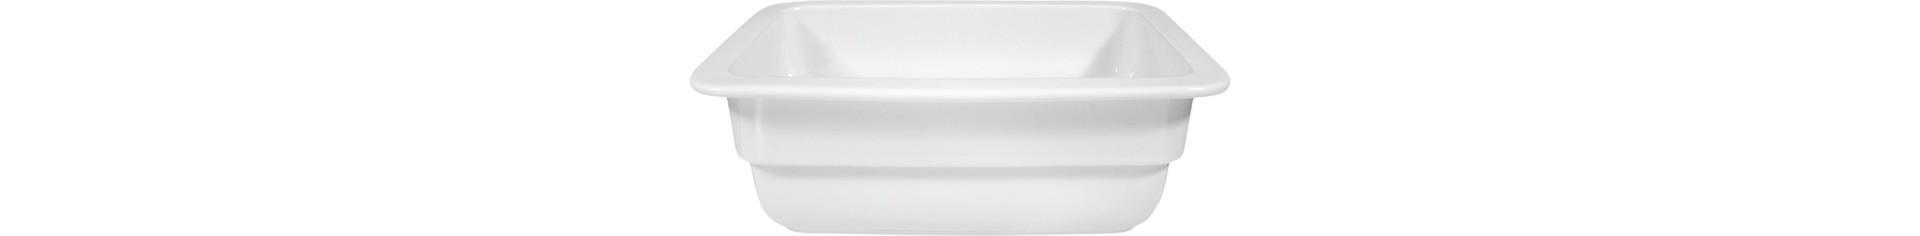 Buffet Gourmet, GN-Behälter GN 1/6 176 x 162 x 65 mm / 0,90 l